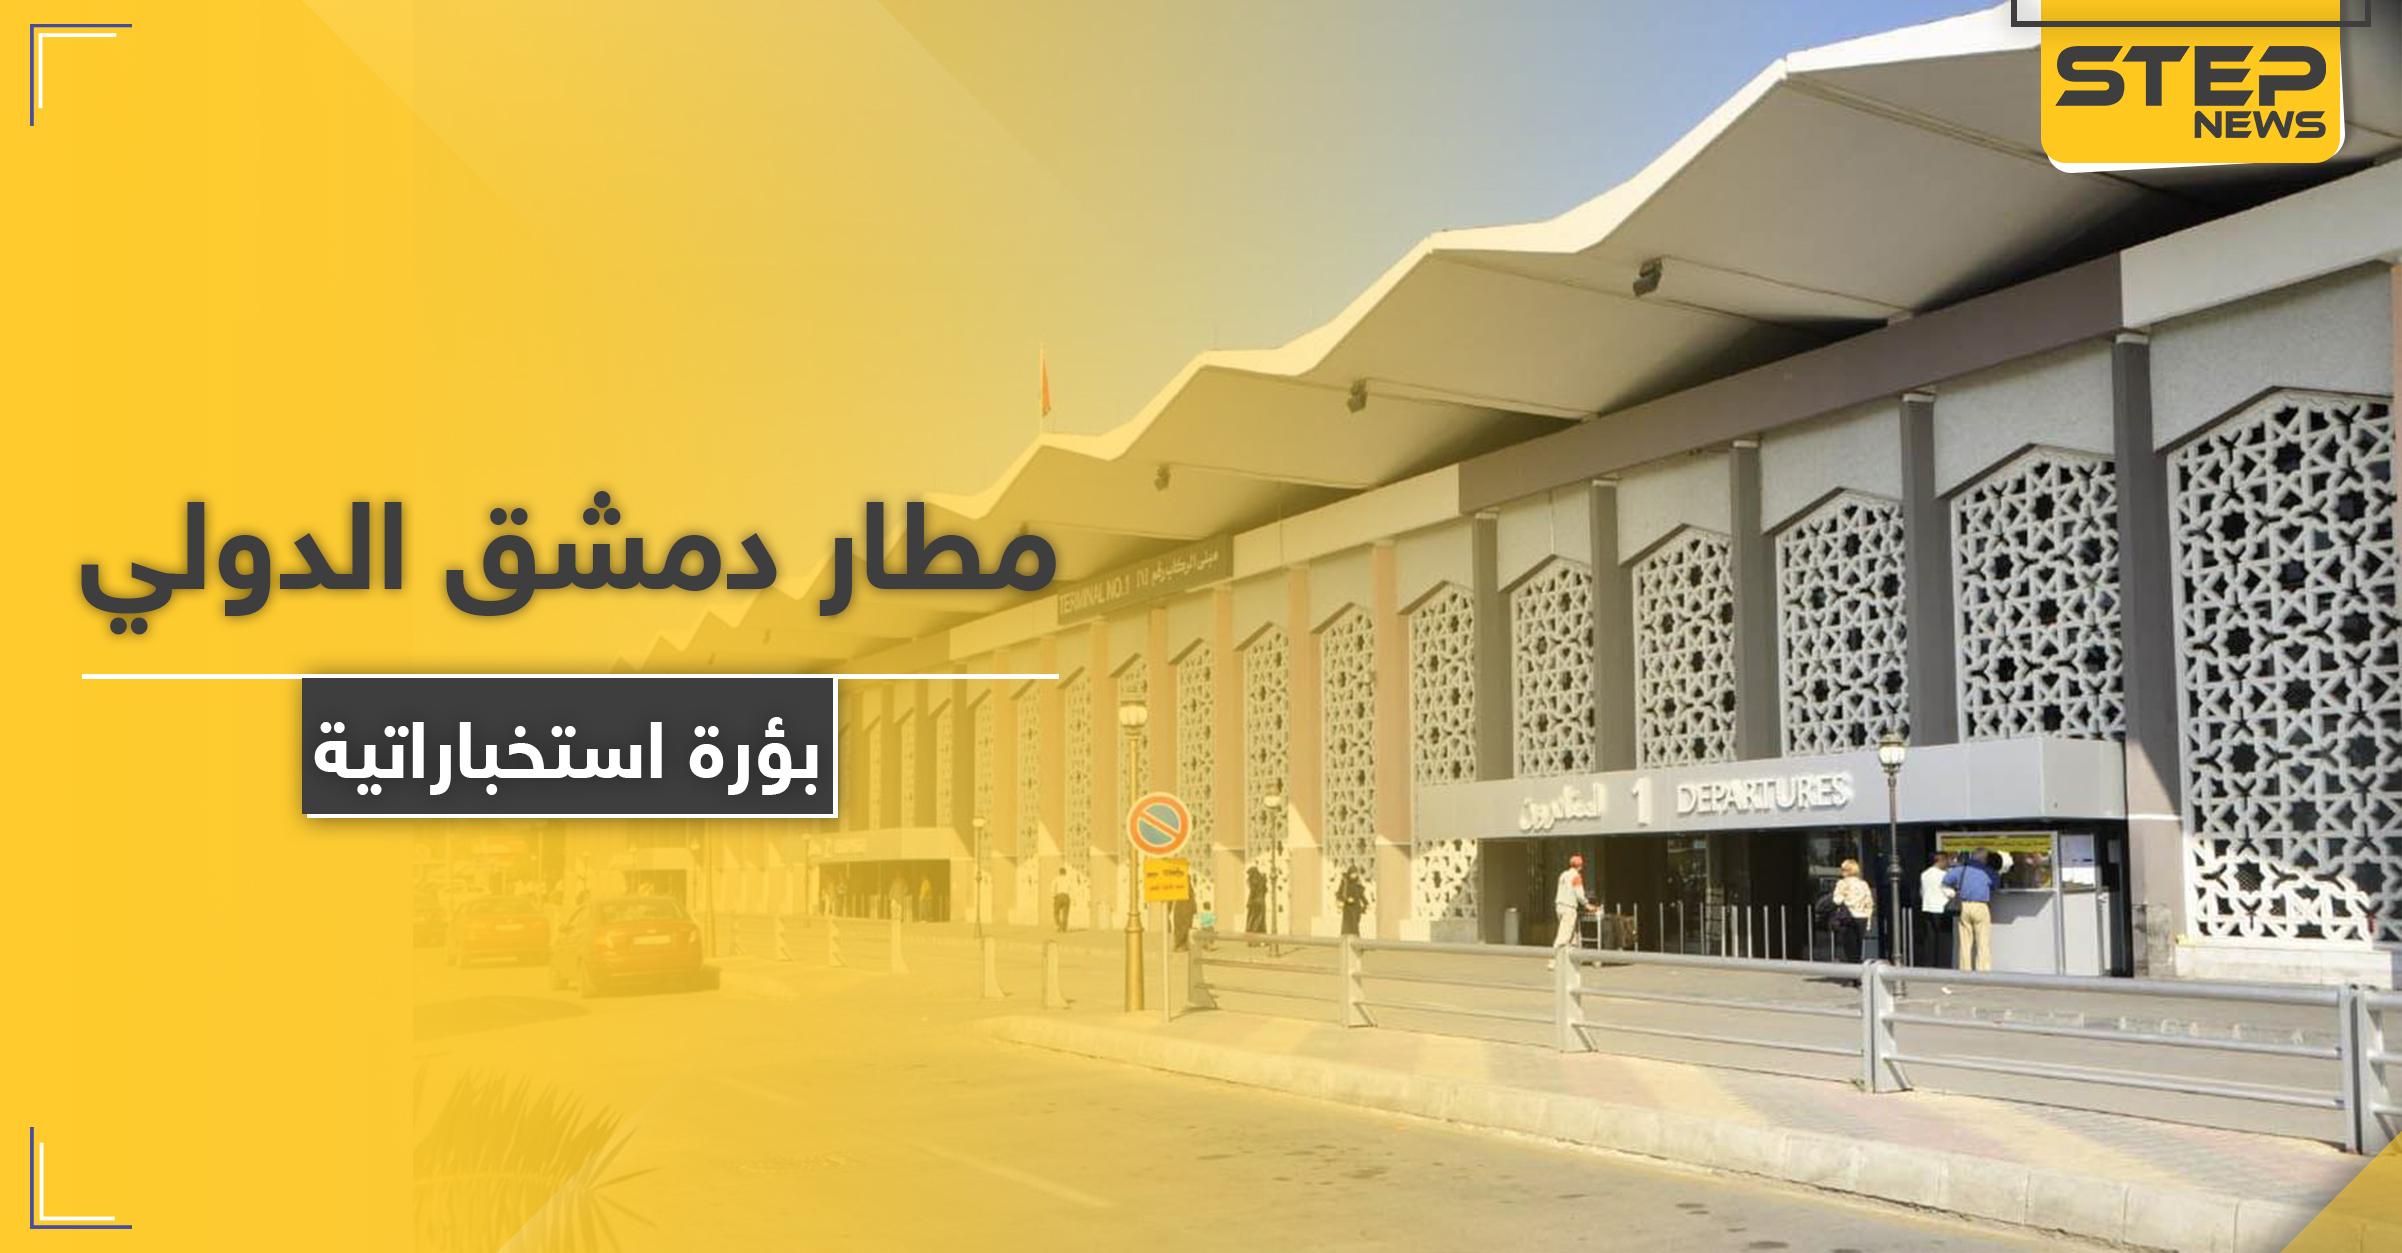 صحيفة فرنسية: مطار دمشق الدولي بؤرة استخباراتية طائفية.. هذا ما يدور داخل أروقته